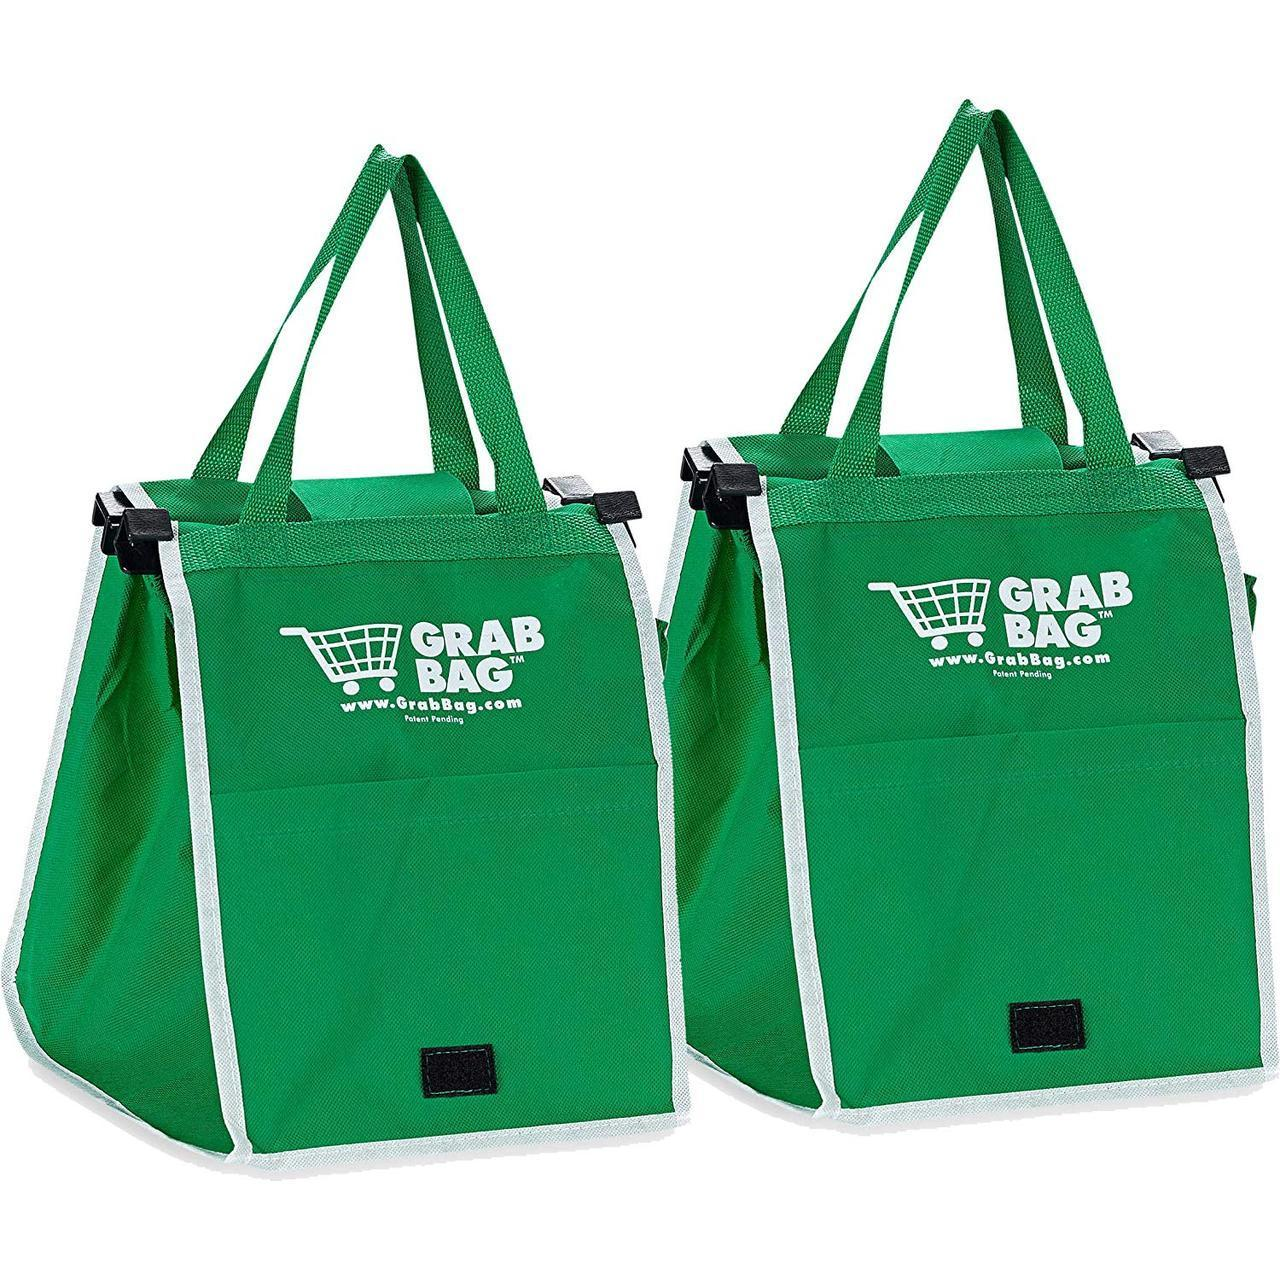 Складная хозяйственная сумка для покупок Grab Bag (2 шт.) Snap-on-Cart Shopping Bag